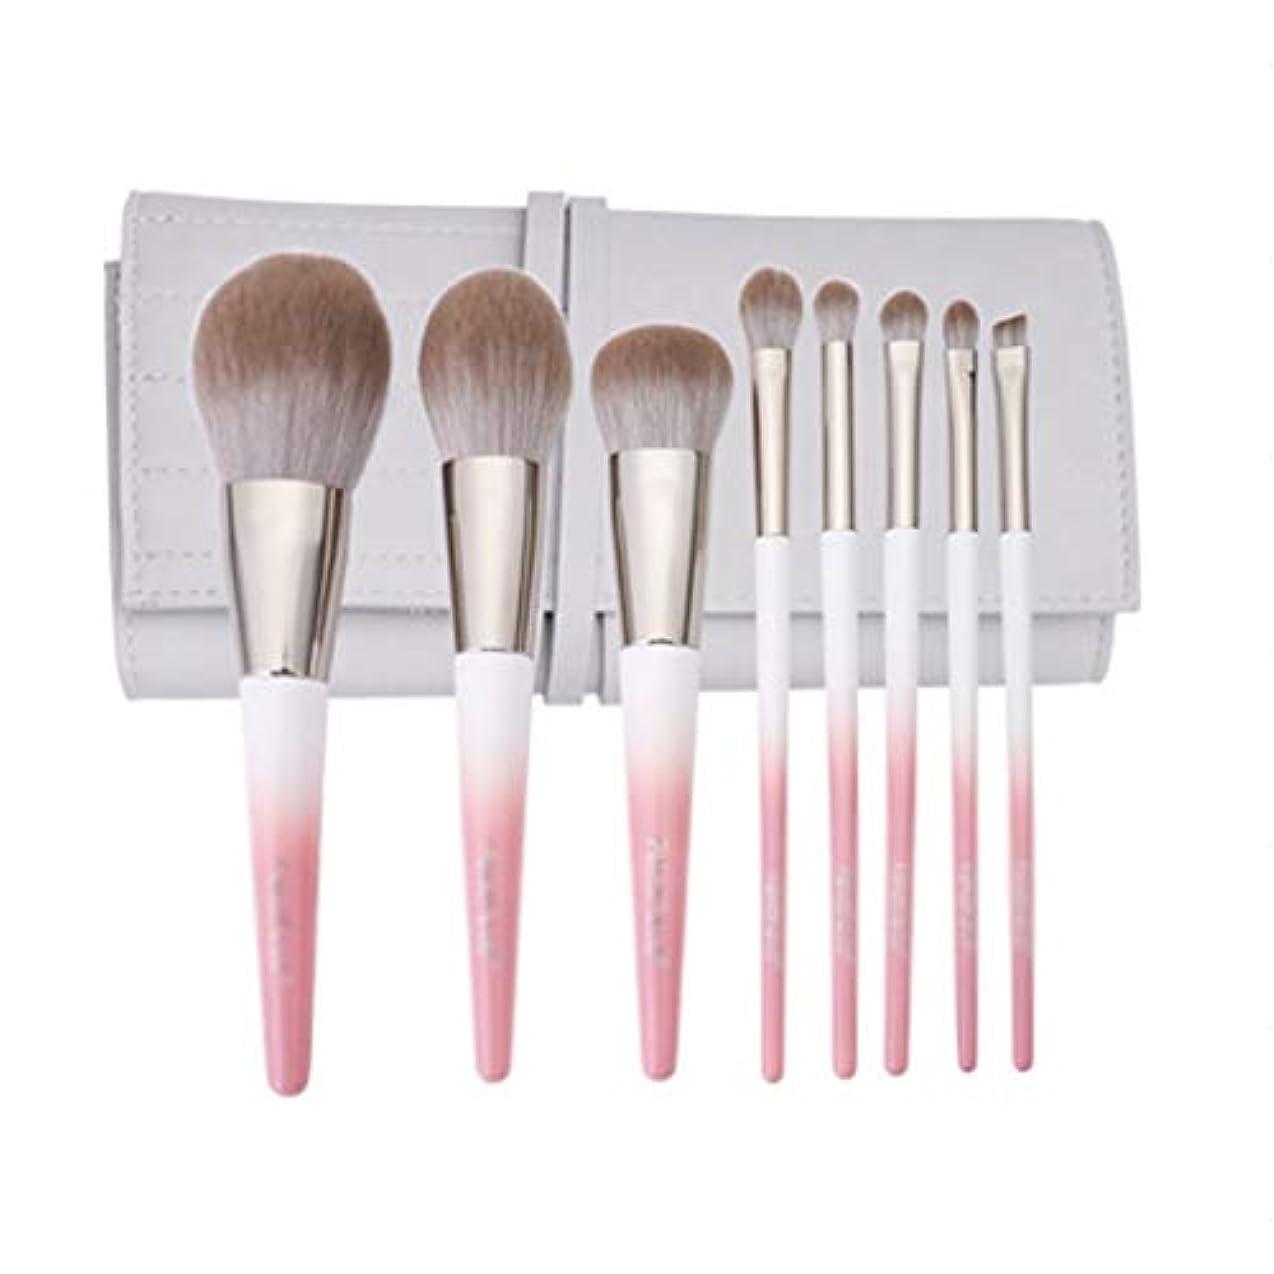 世界的にボア知事化粧ブラシ メイクブラシセット、パウダーブラッシュファンデーションアイシャドーブラシセット、ブラッシュドアイブロウブラシセット8本 (Color : Gradient powder, Size : 21*10cm)